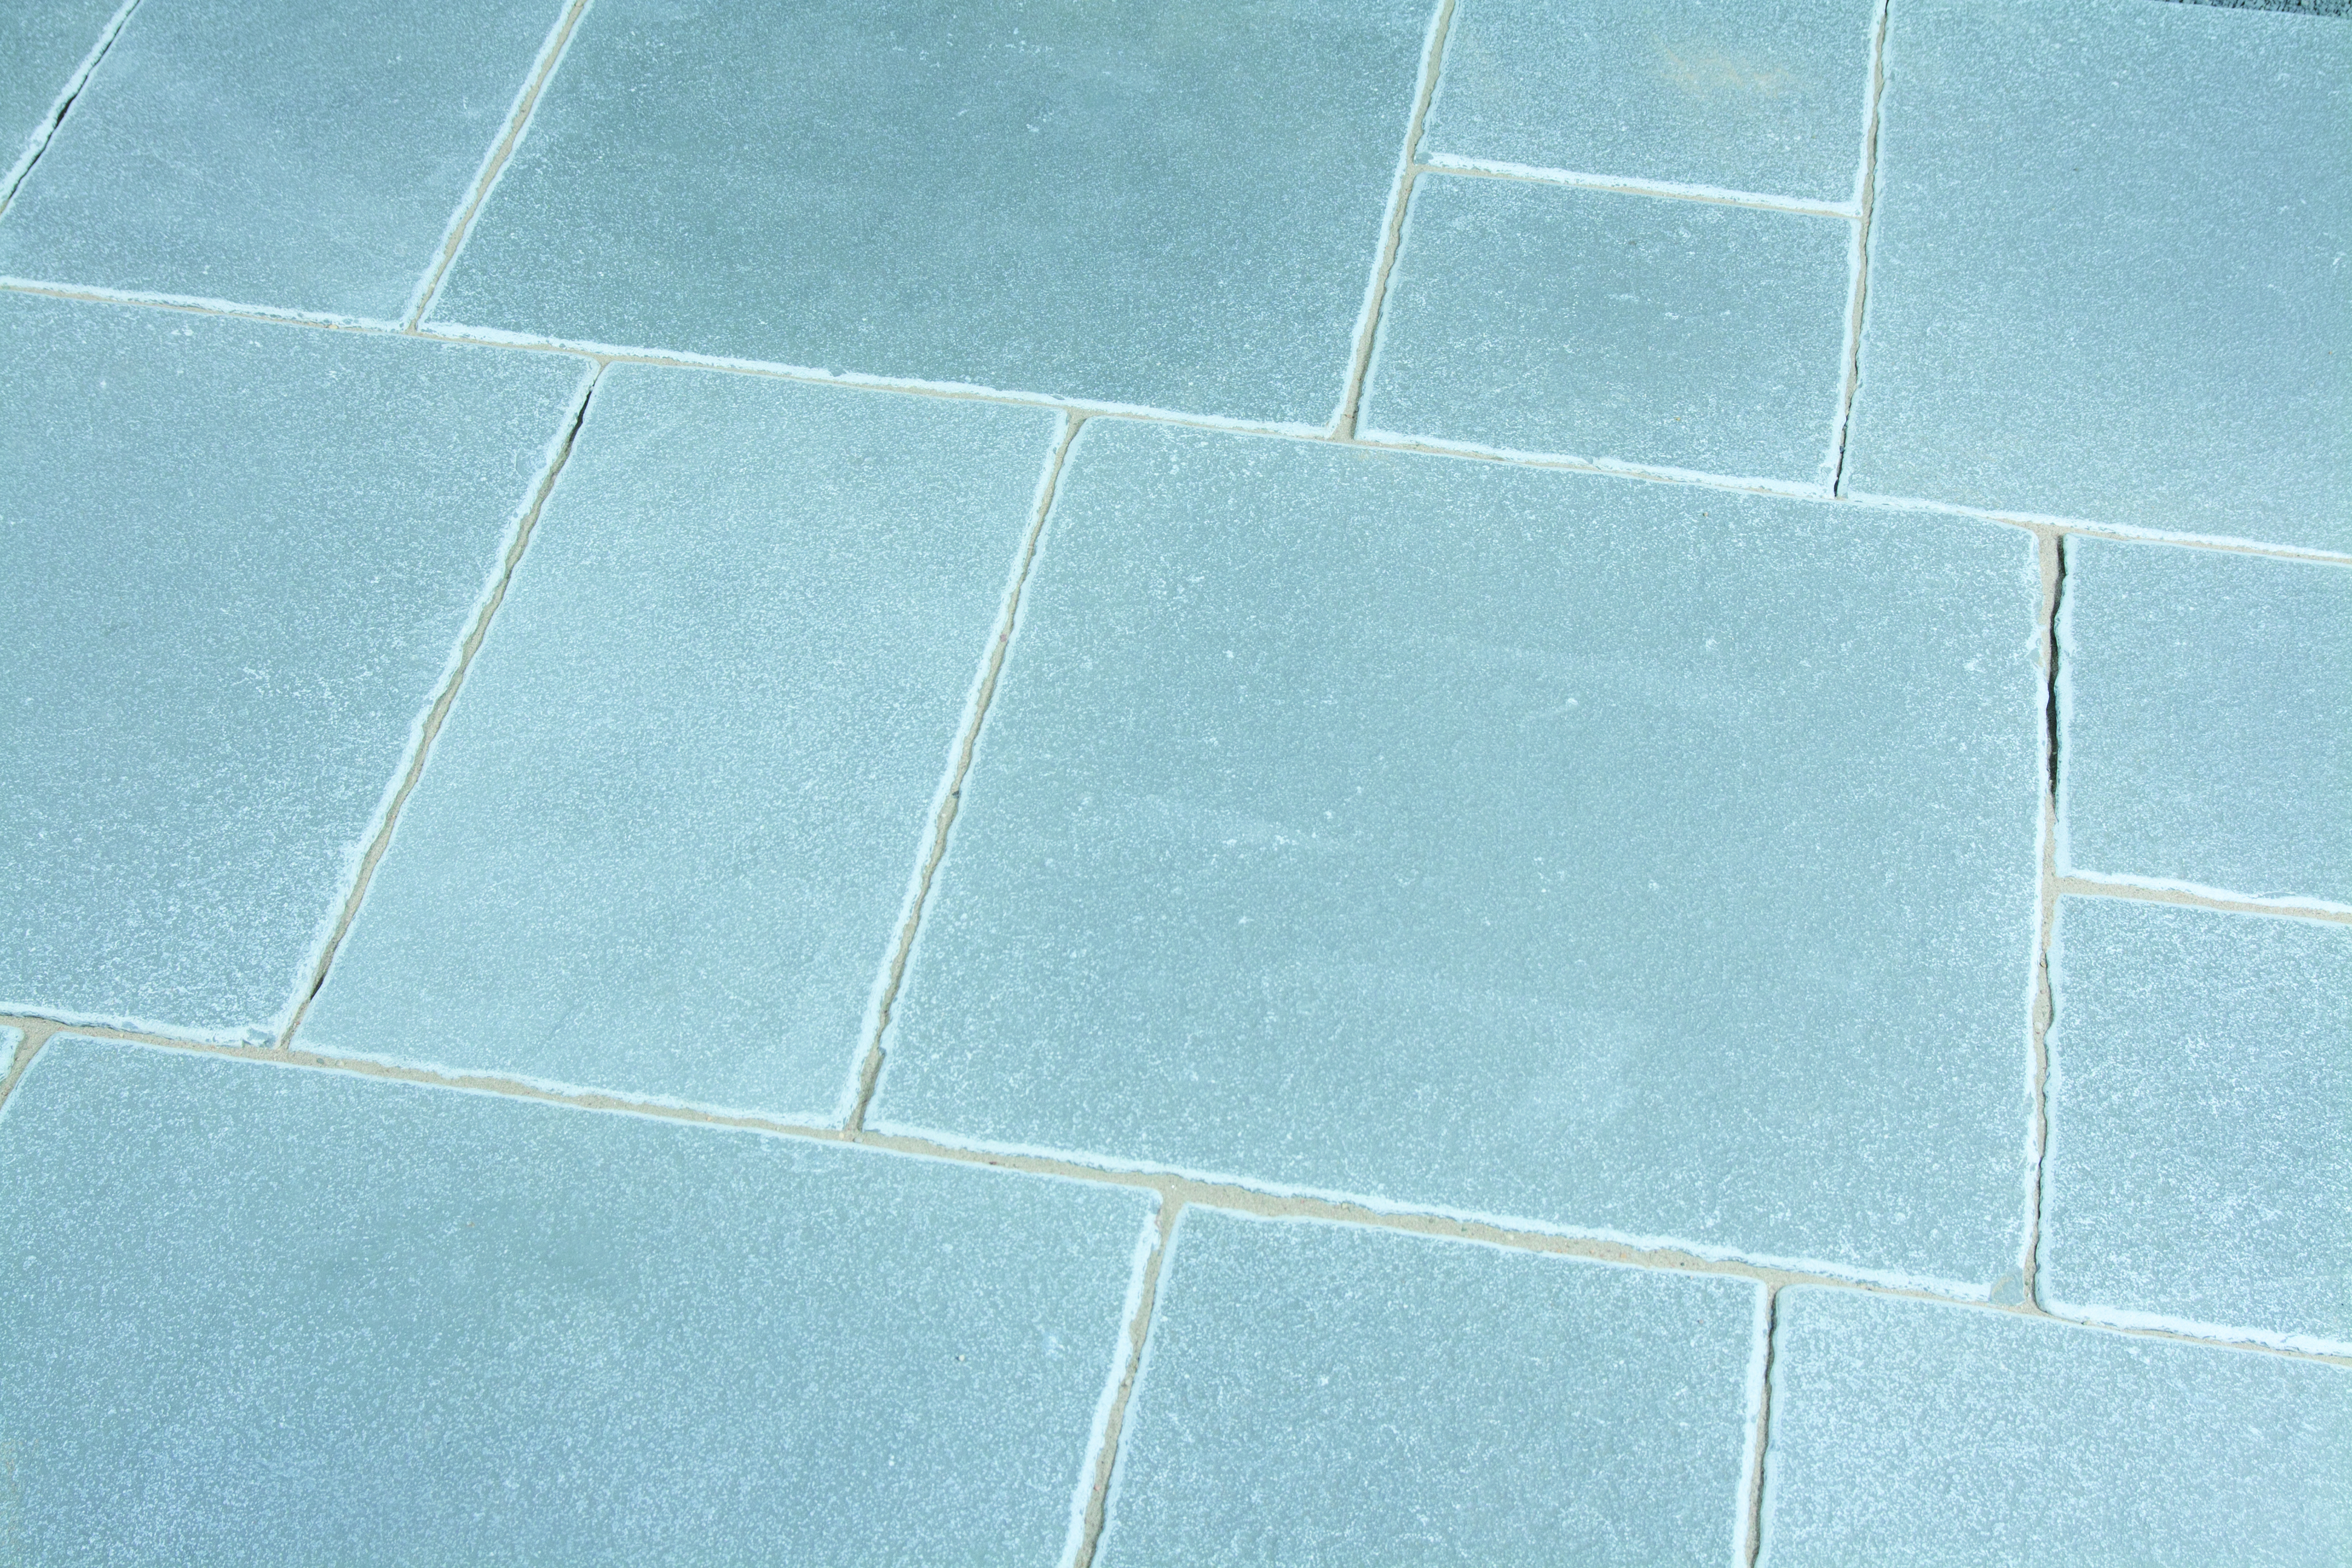 Marrakesch 60x30x3cm grau blau